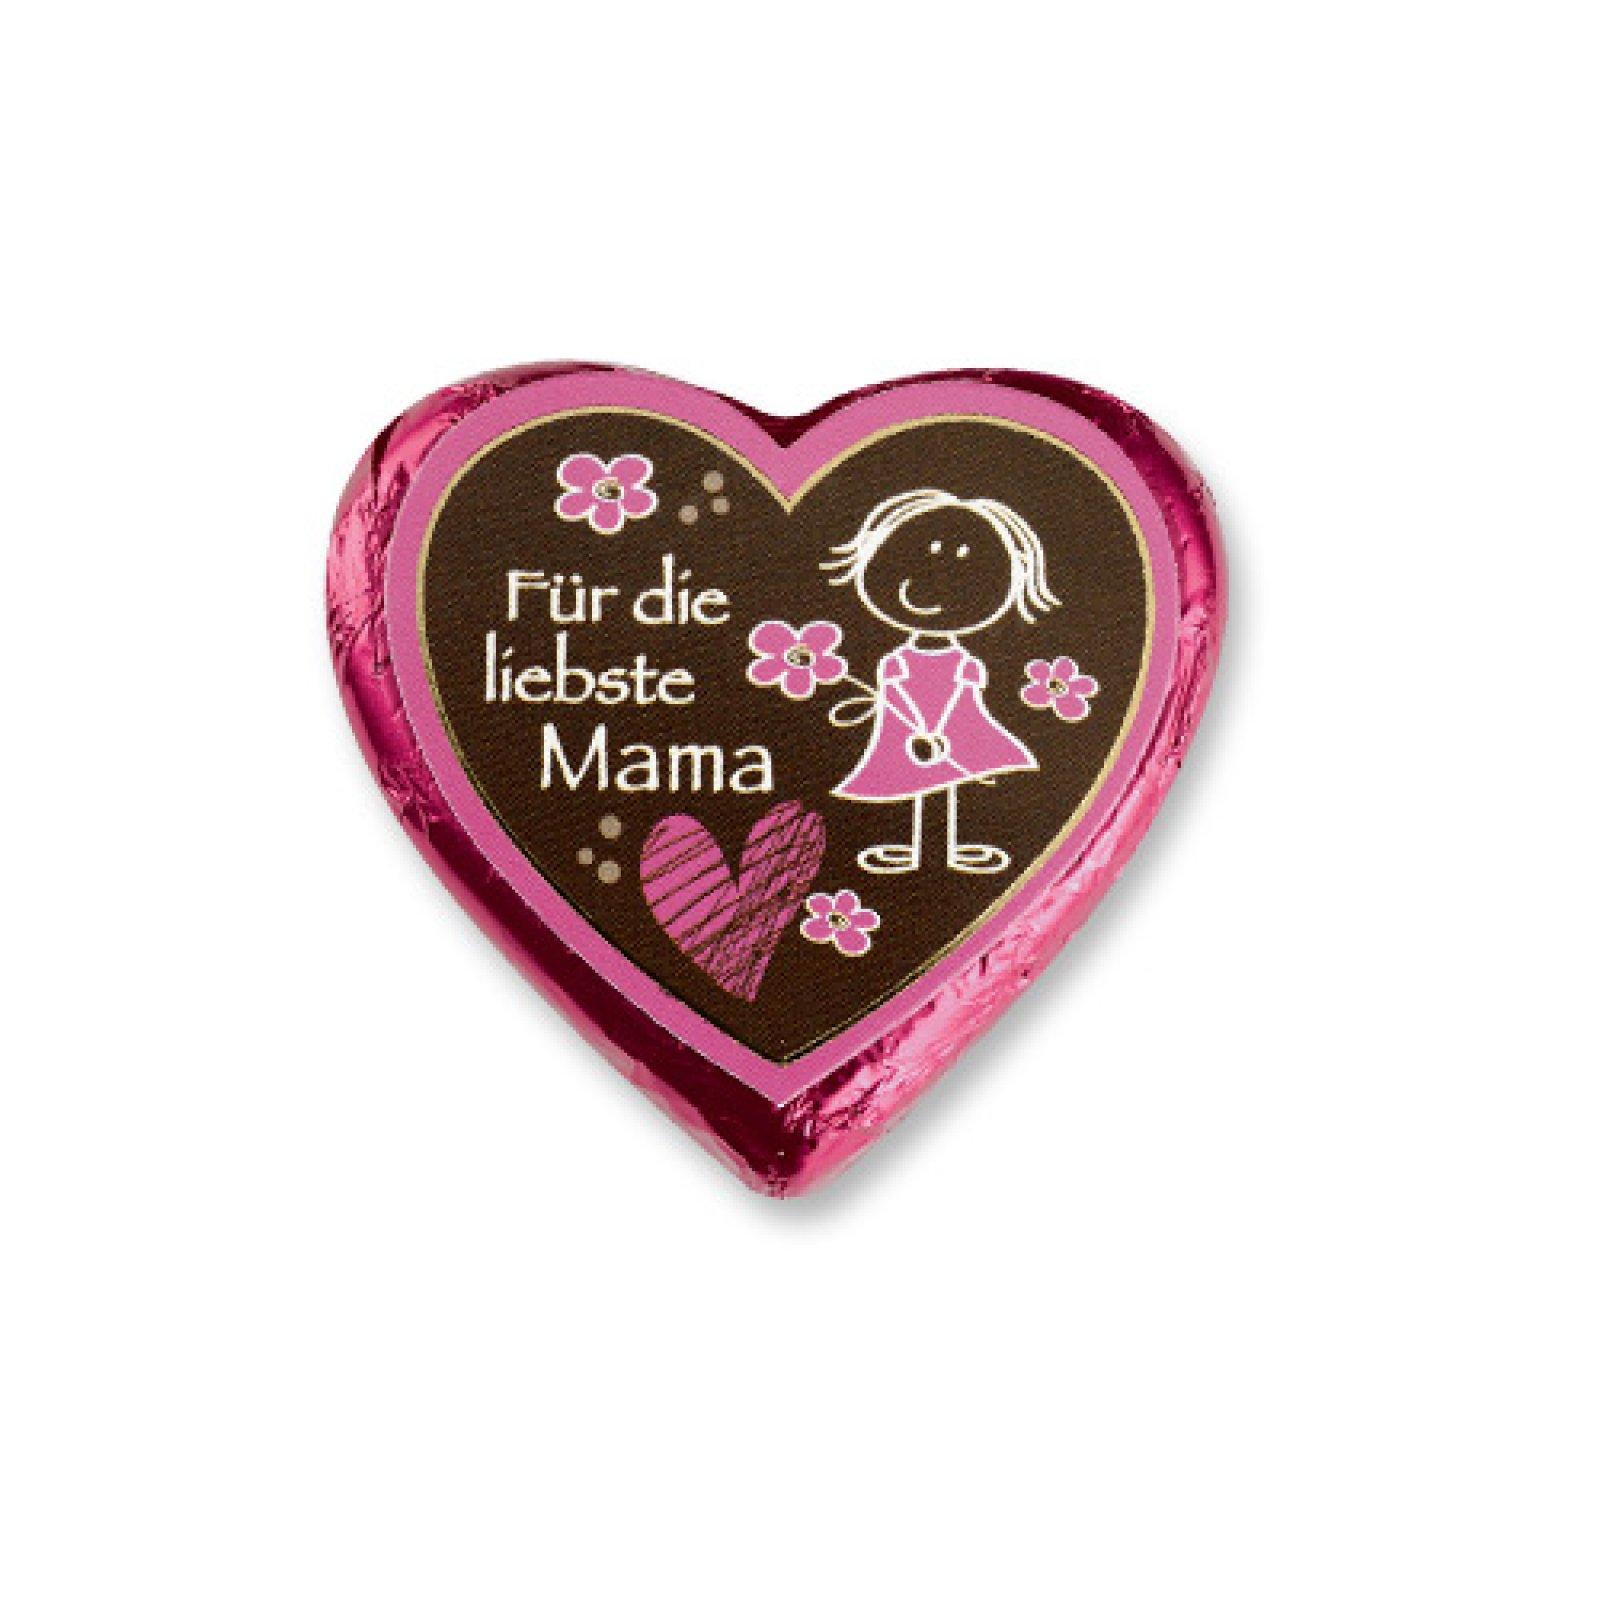 5 pralinenherzen pink f r die liebste mami der ideen. Black Bedroom Furniture Sets. Home Design Ideas